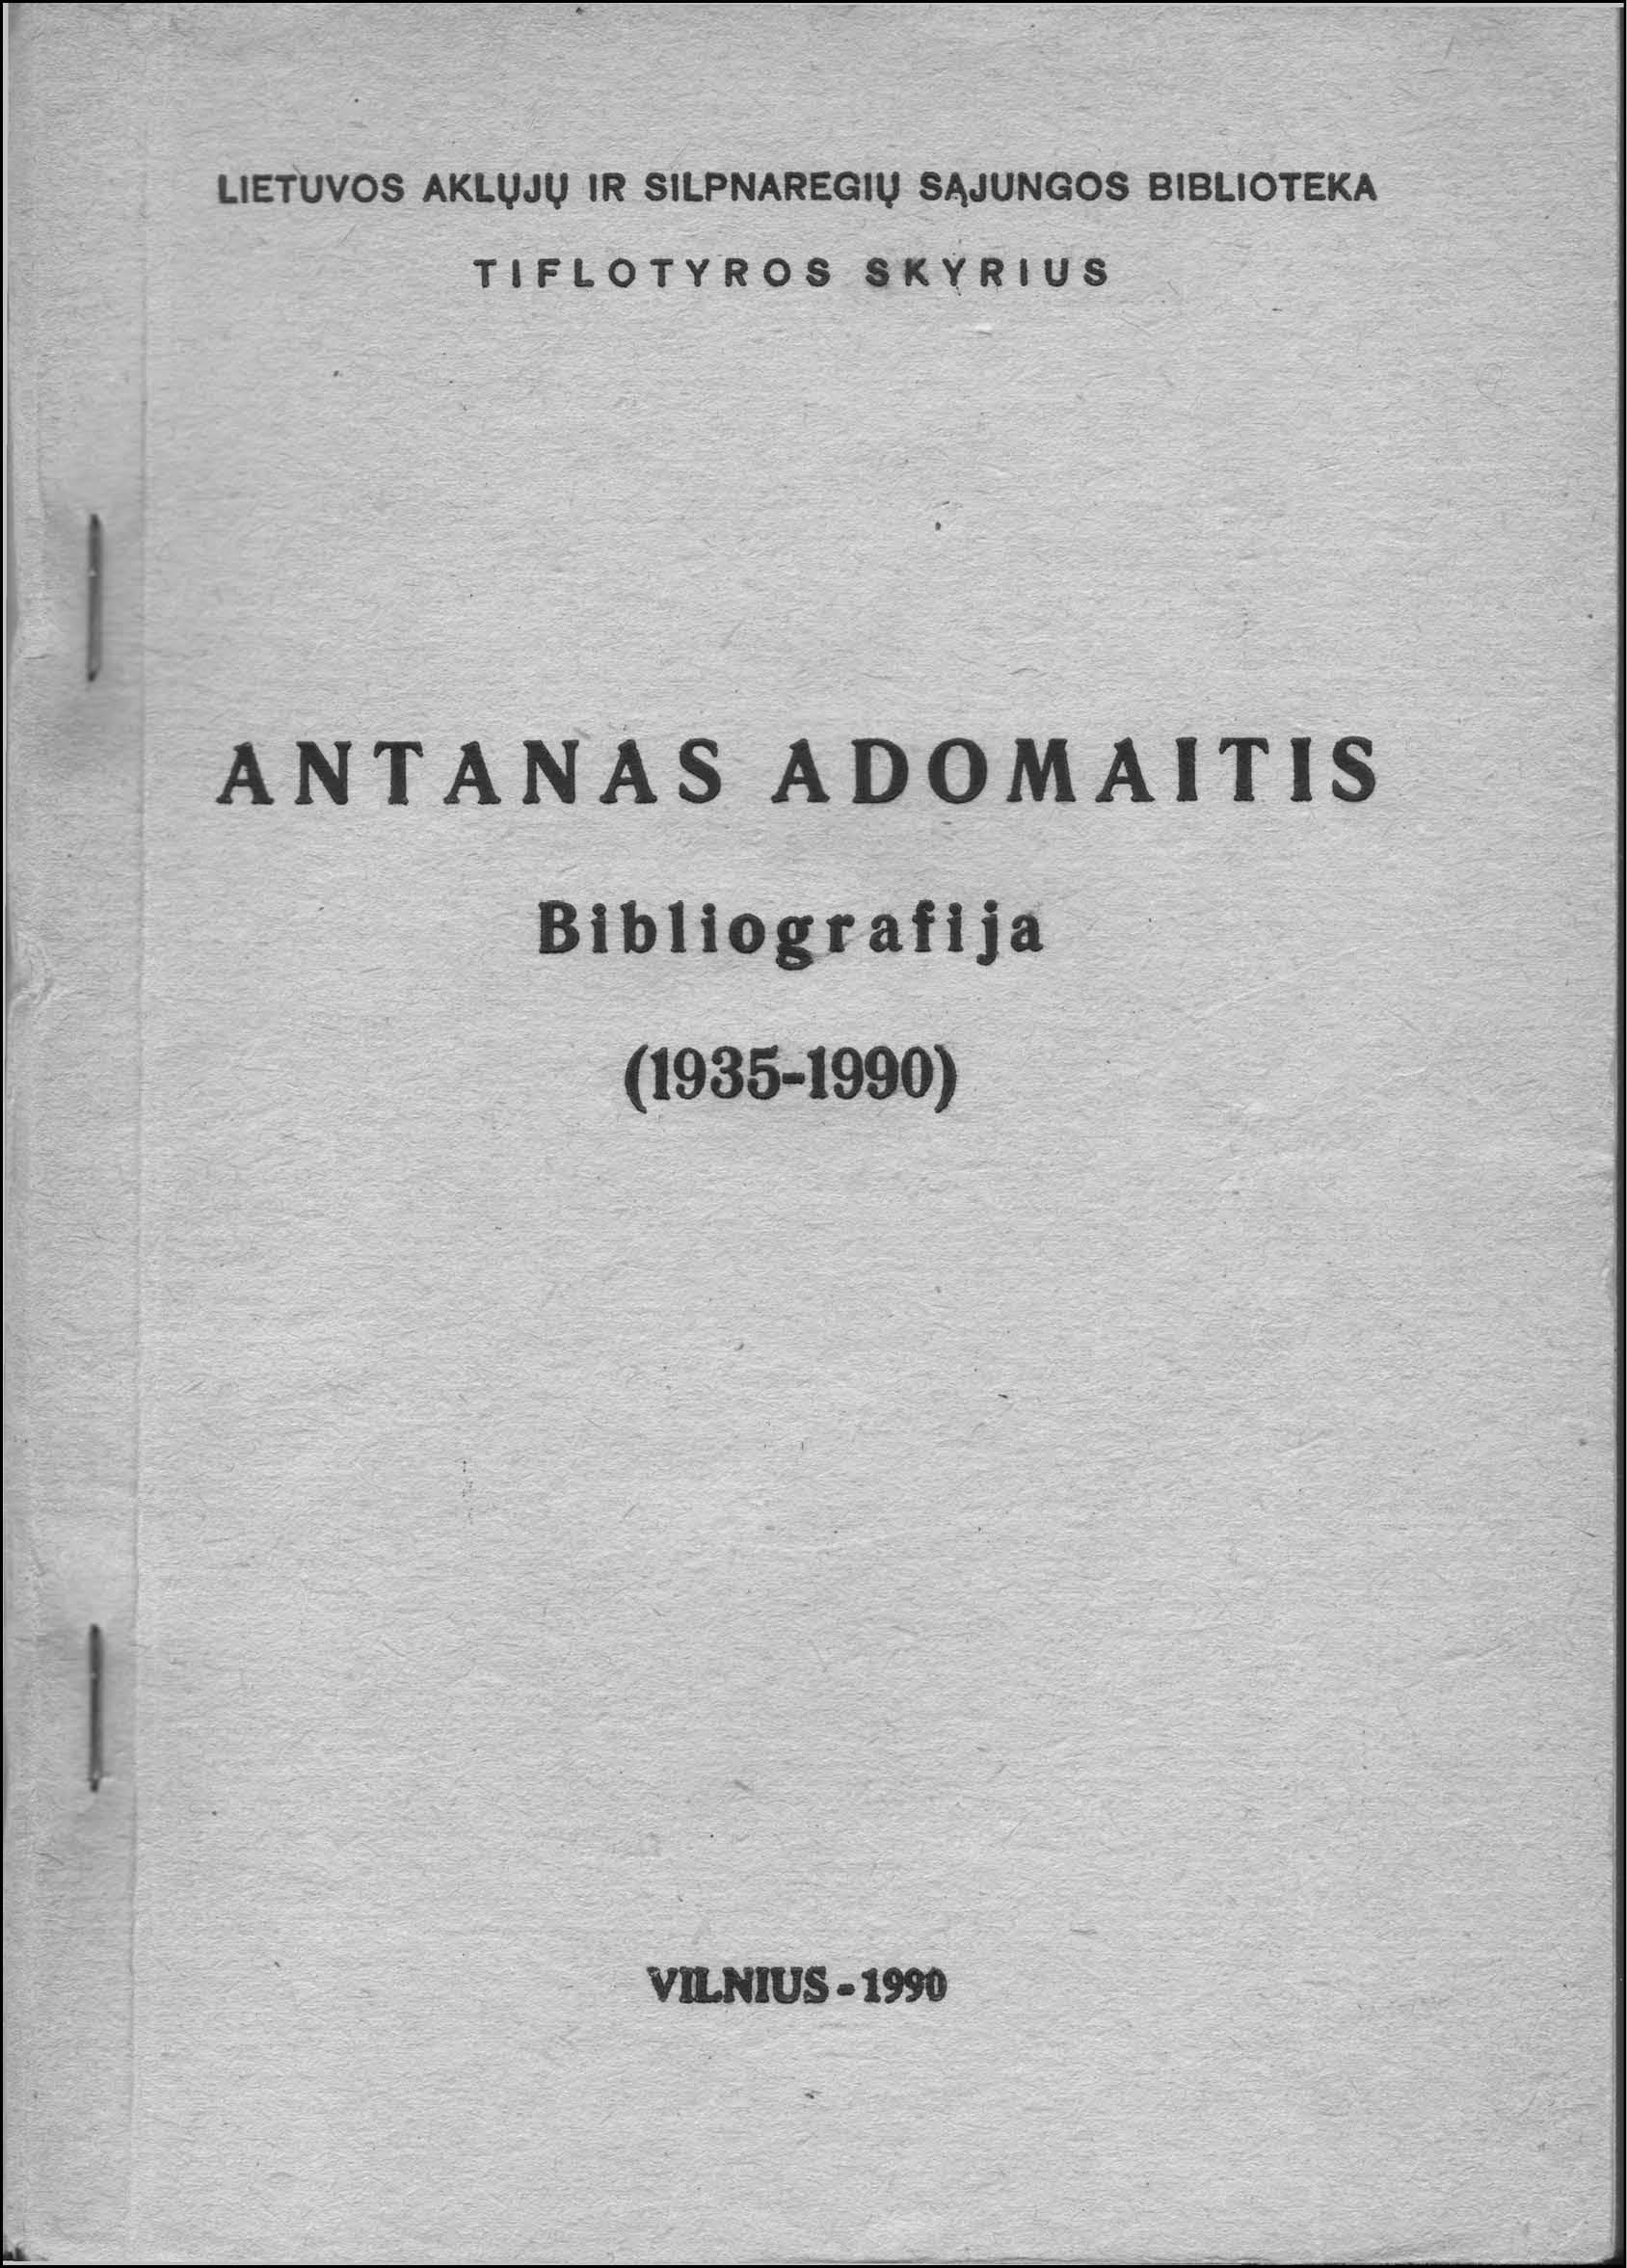 Antanas Adomaitis: bibliografija, 1935–1990. – Vilnius, 1990. Knygos viršelis